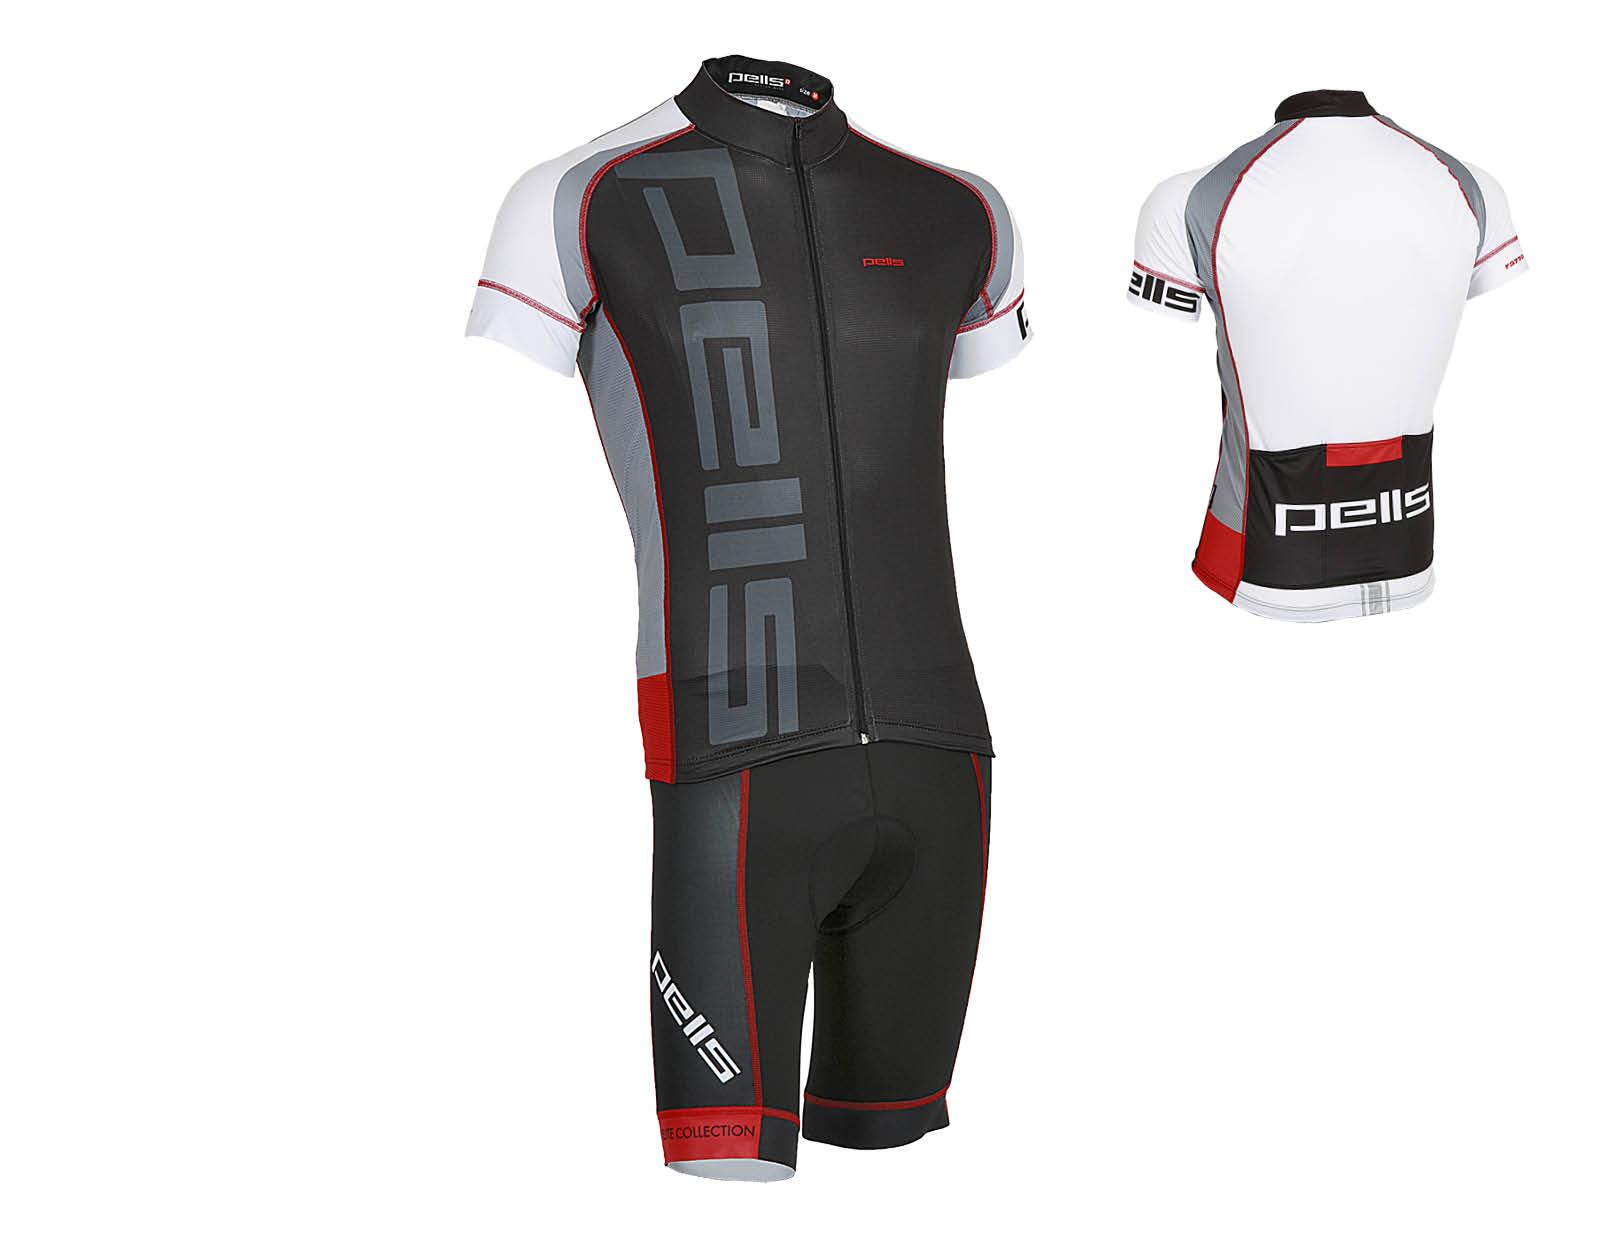 Pánský dres PELL'S RAZZER, vel. M, červená, krátký rukáv (Pánský cyklistický dres PELL'S, vel. M, krátký rukáv, barva červená dle vyobrazení!)